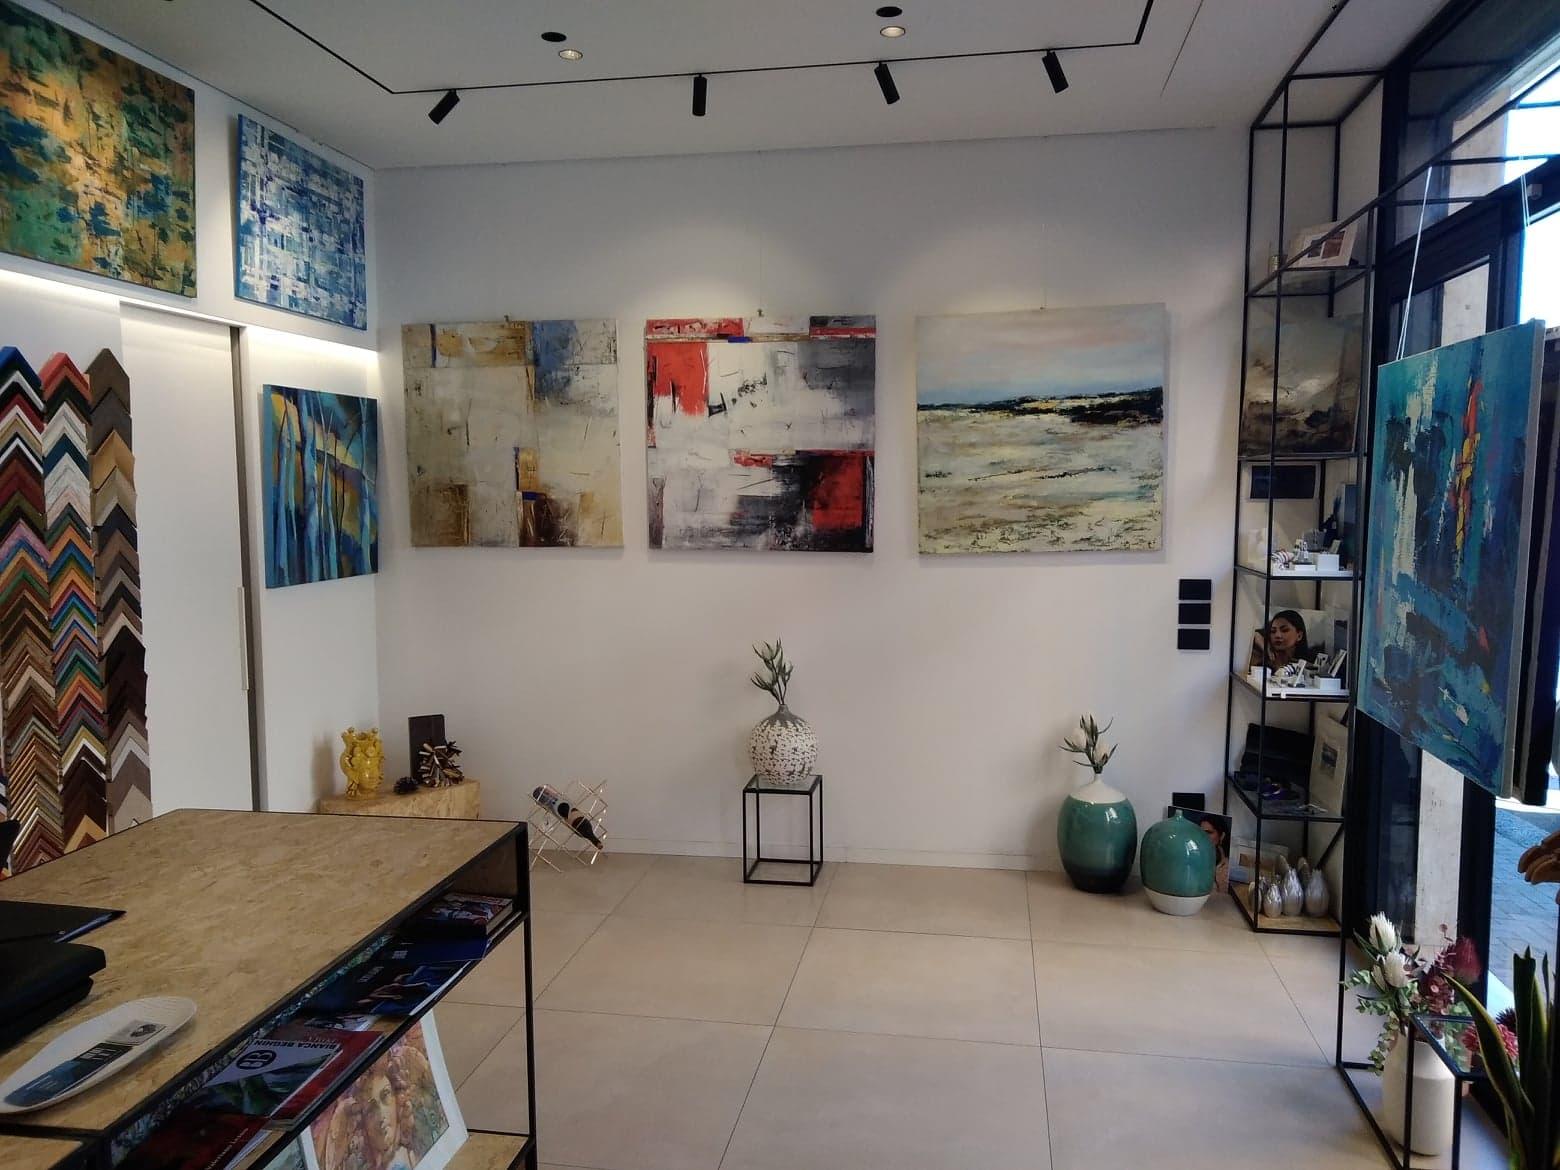 Double Art: uno spazio artistico eterogeneo